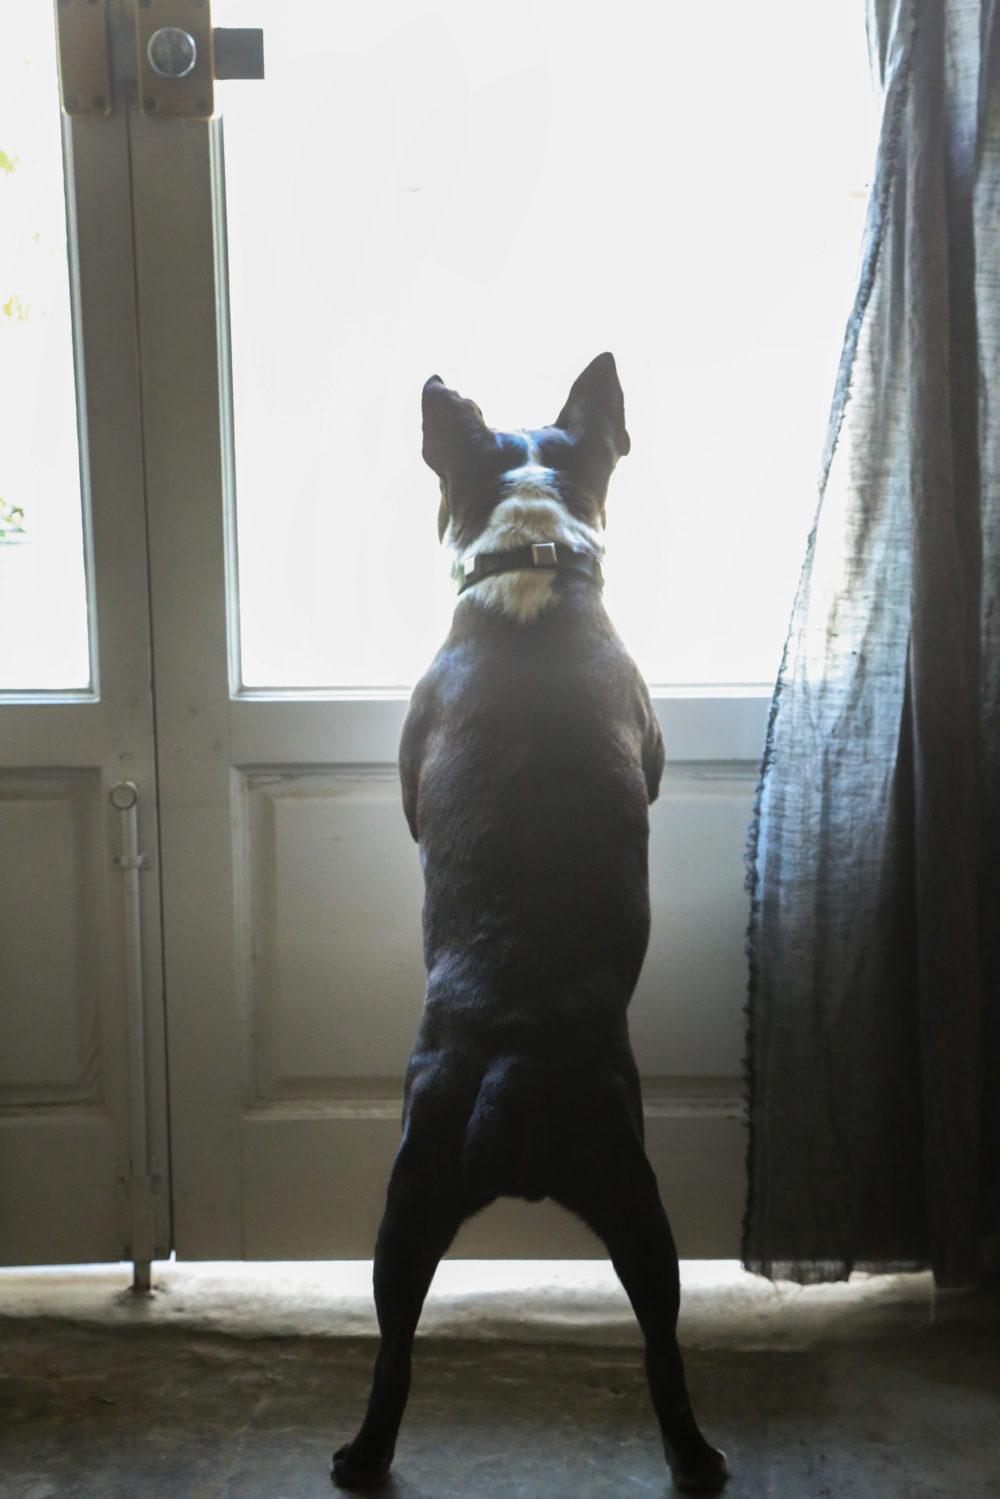 #Blossom 22 ボストンテリアのバイス 愛犬と撮影できるスタジオ